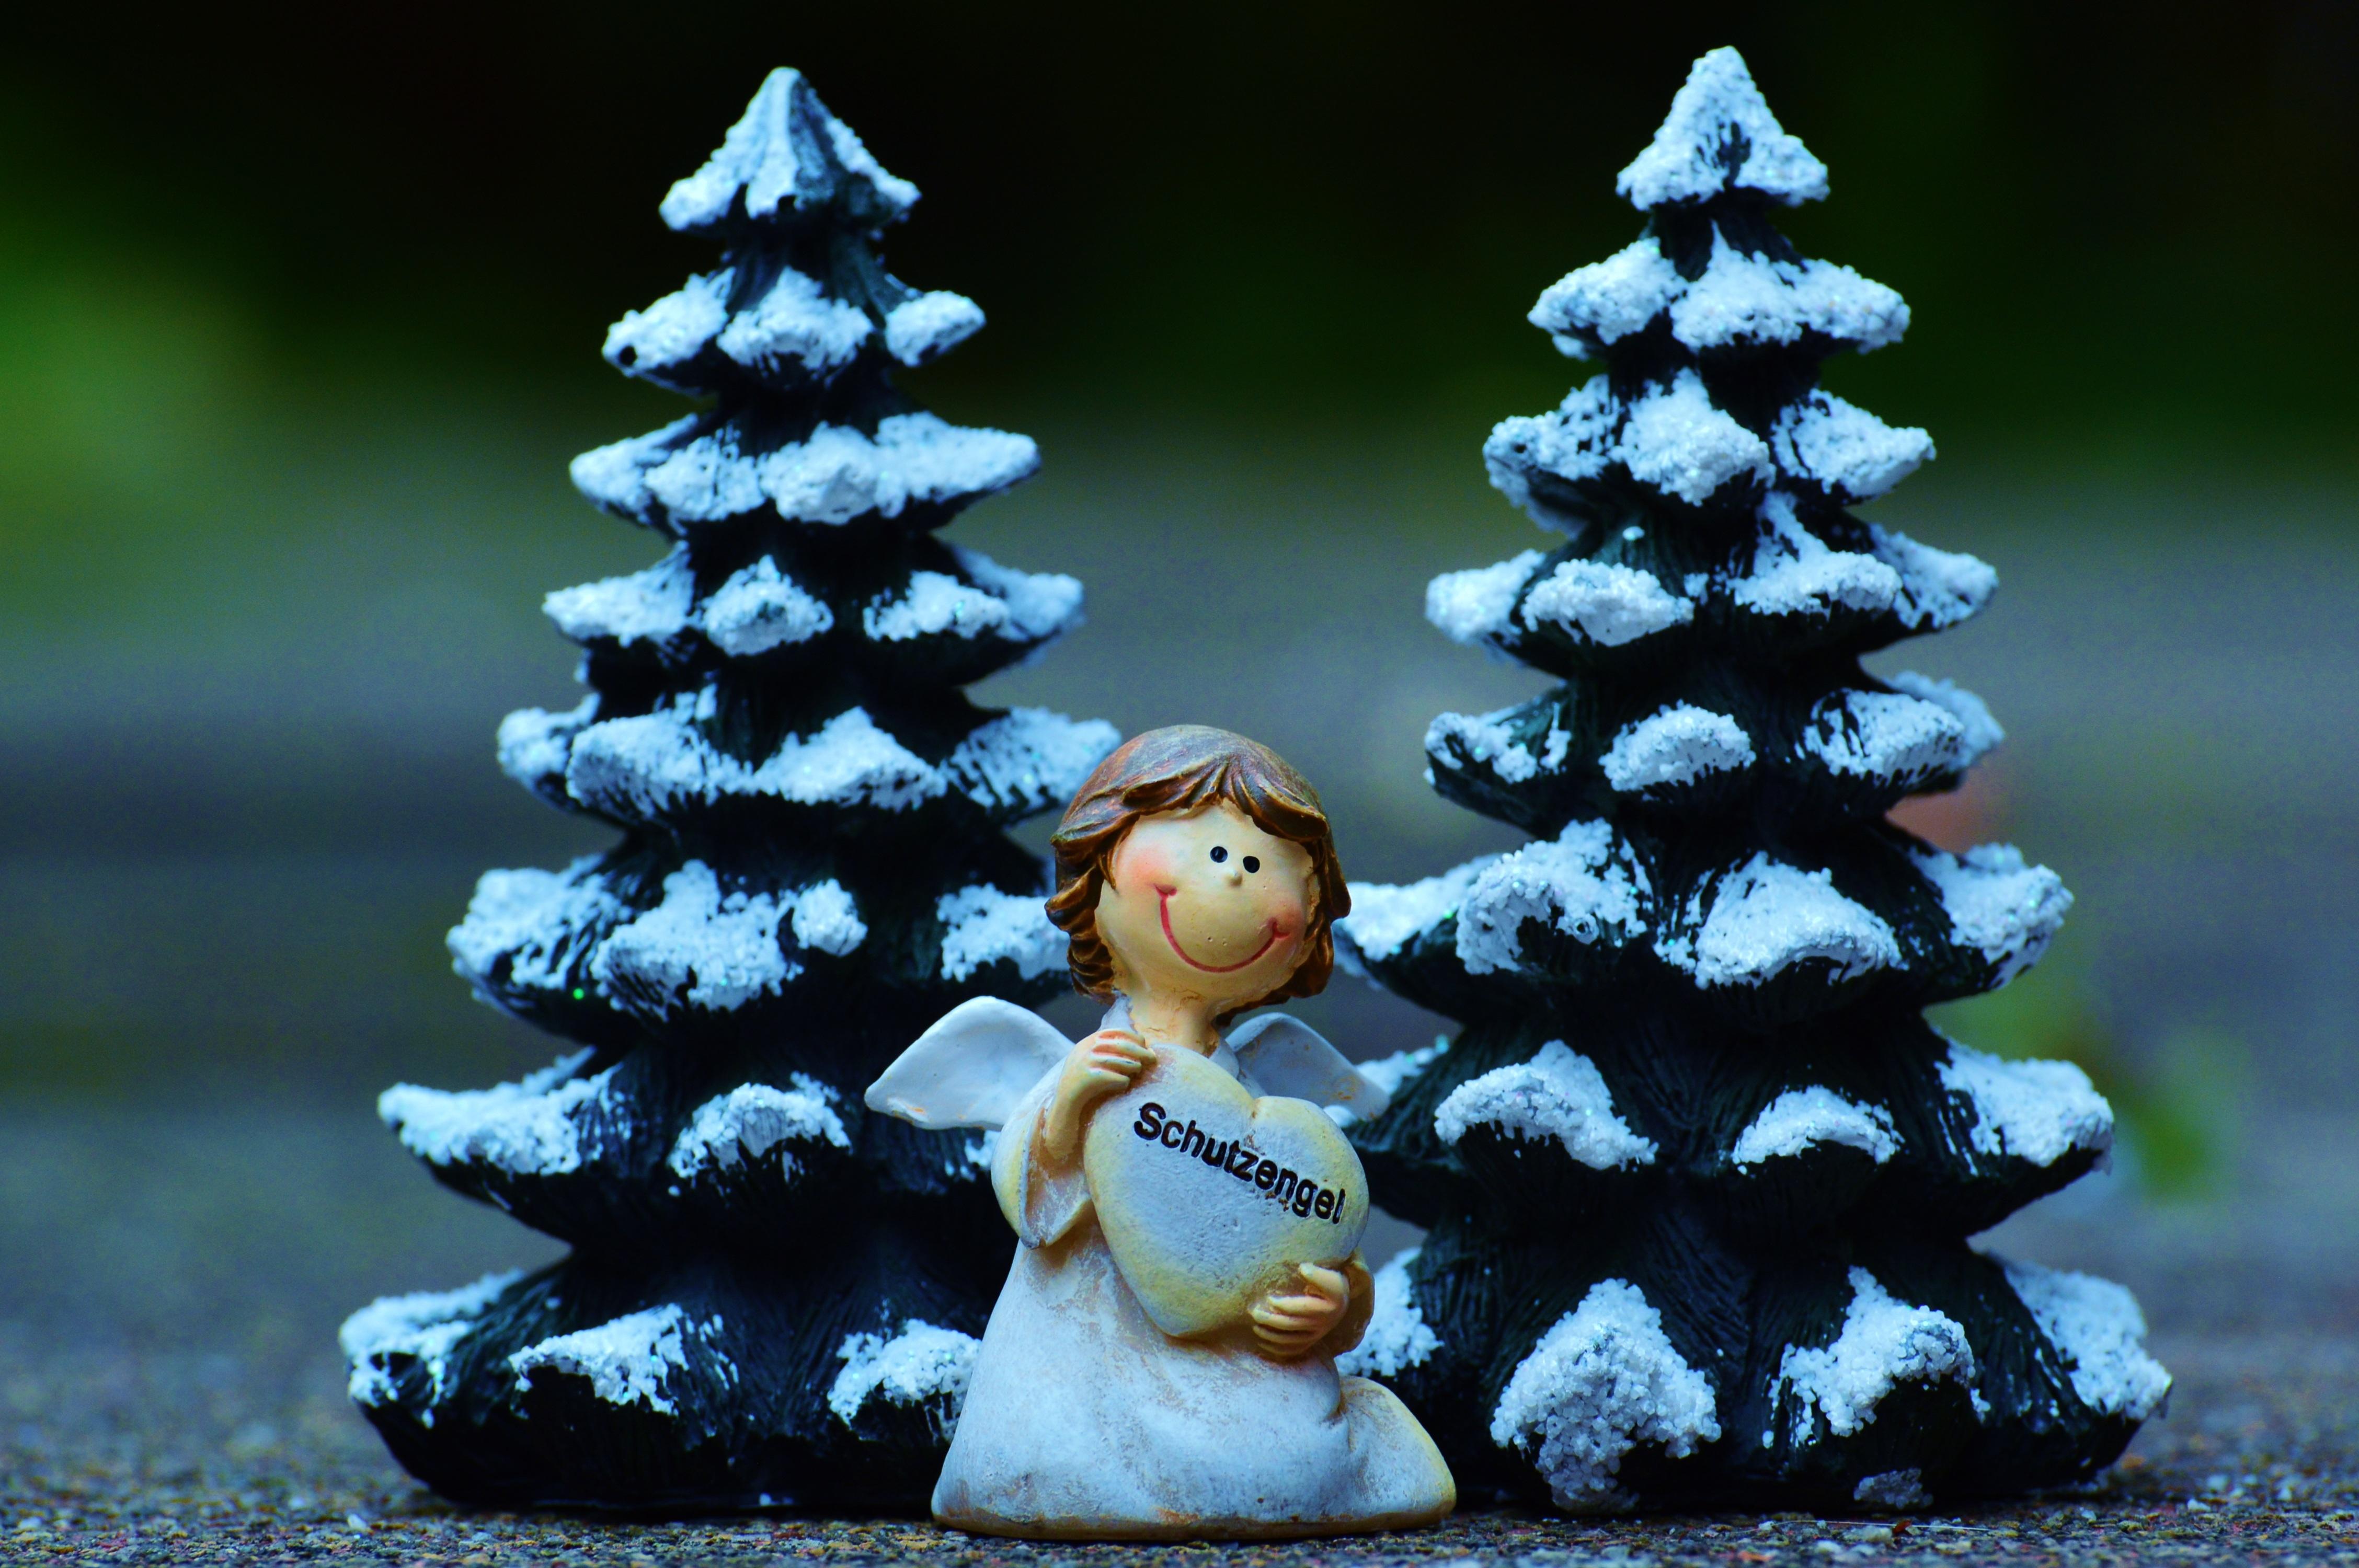 kostenlose foto baum ast schnee winter niedlich dekoration weihnachten tanne dekor. Black Bedroom Furniture Sets. Home Design Ideas